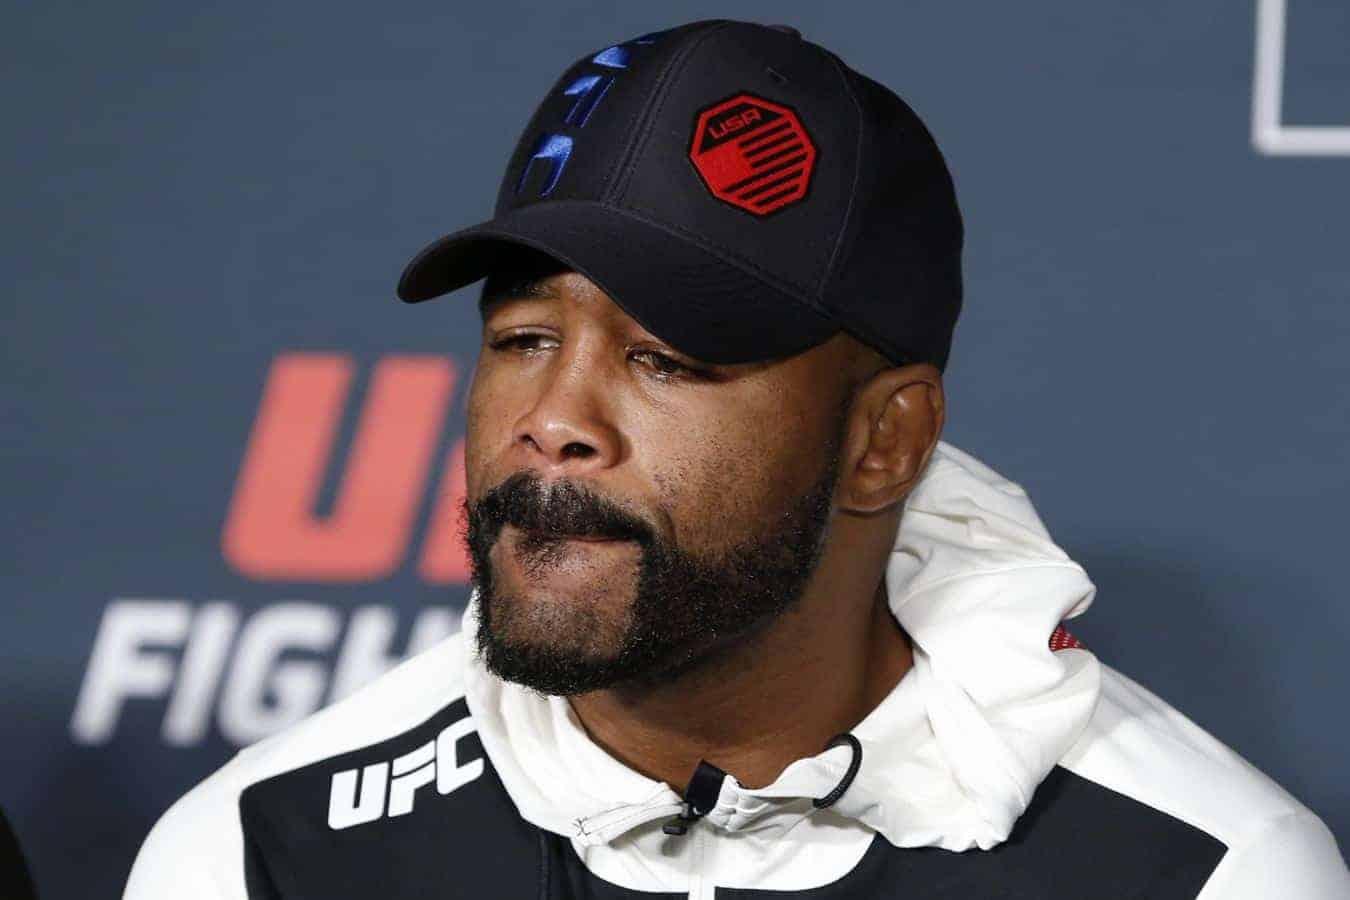 Бывший чемпион UFC Рашад Эванс завершил карьеру